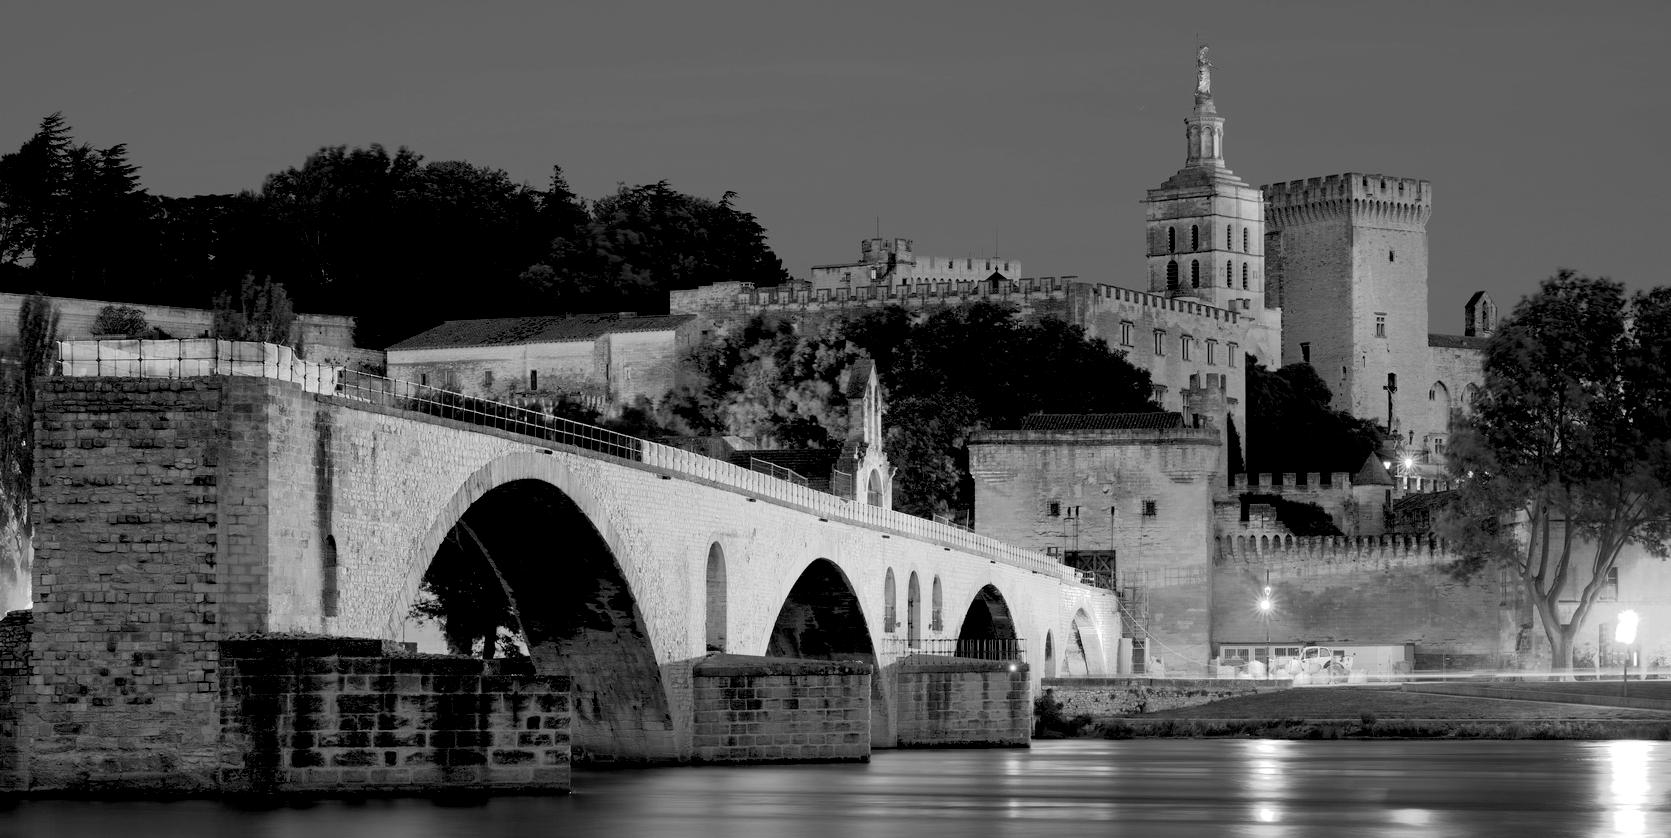 Axcom operateur telecom en Avignon